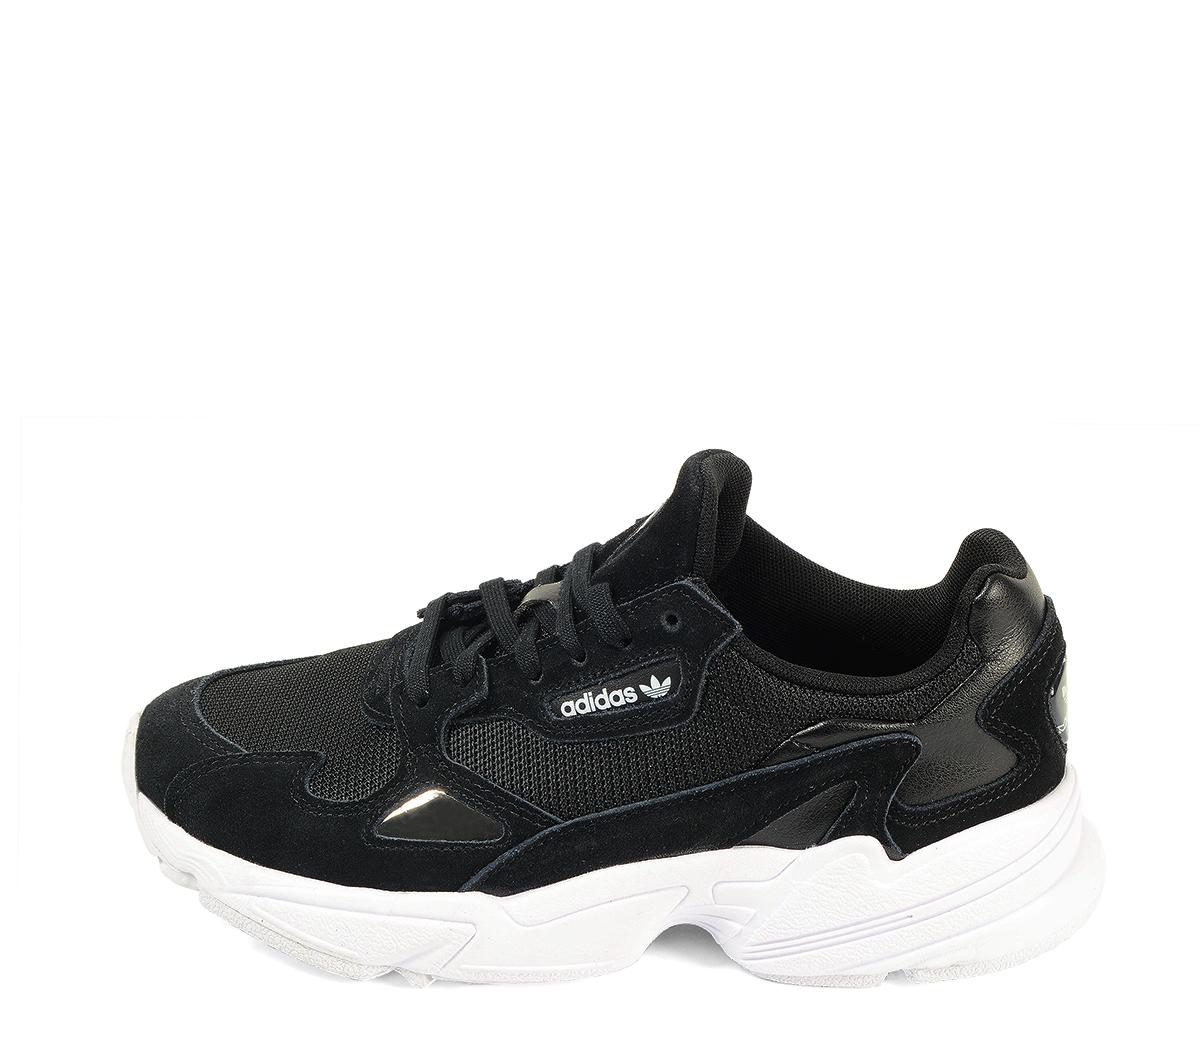 Ref. 4588 Adidas Falcon w combinada en tela y piel negra. Suela blanca. Cordones negros.